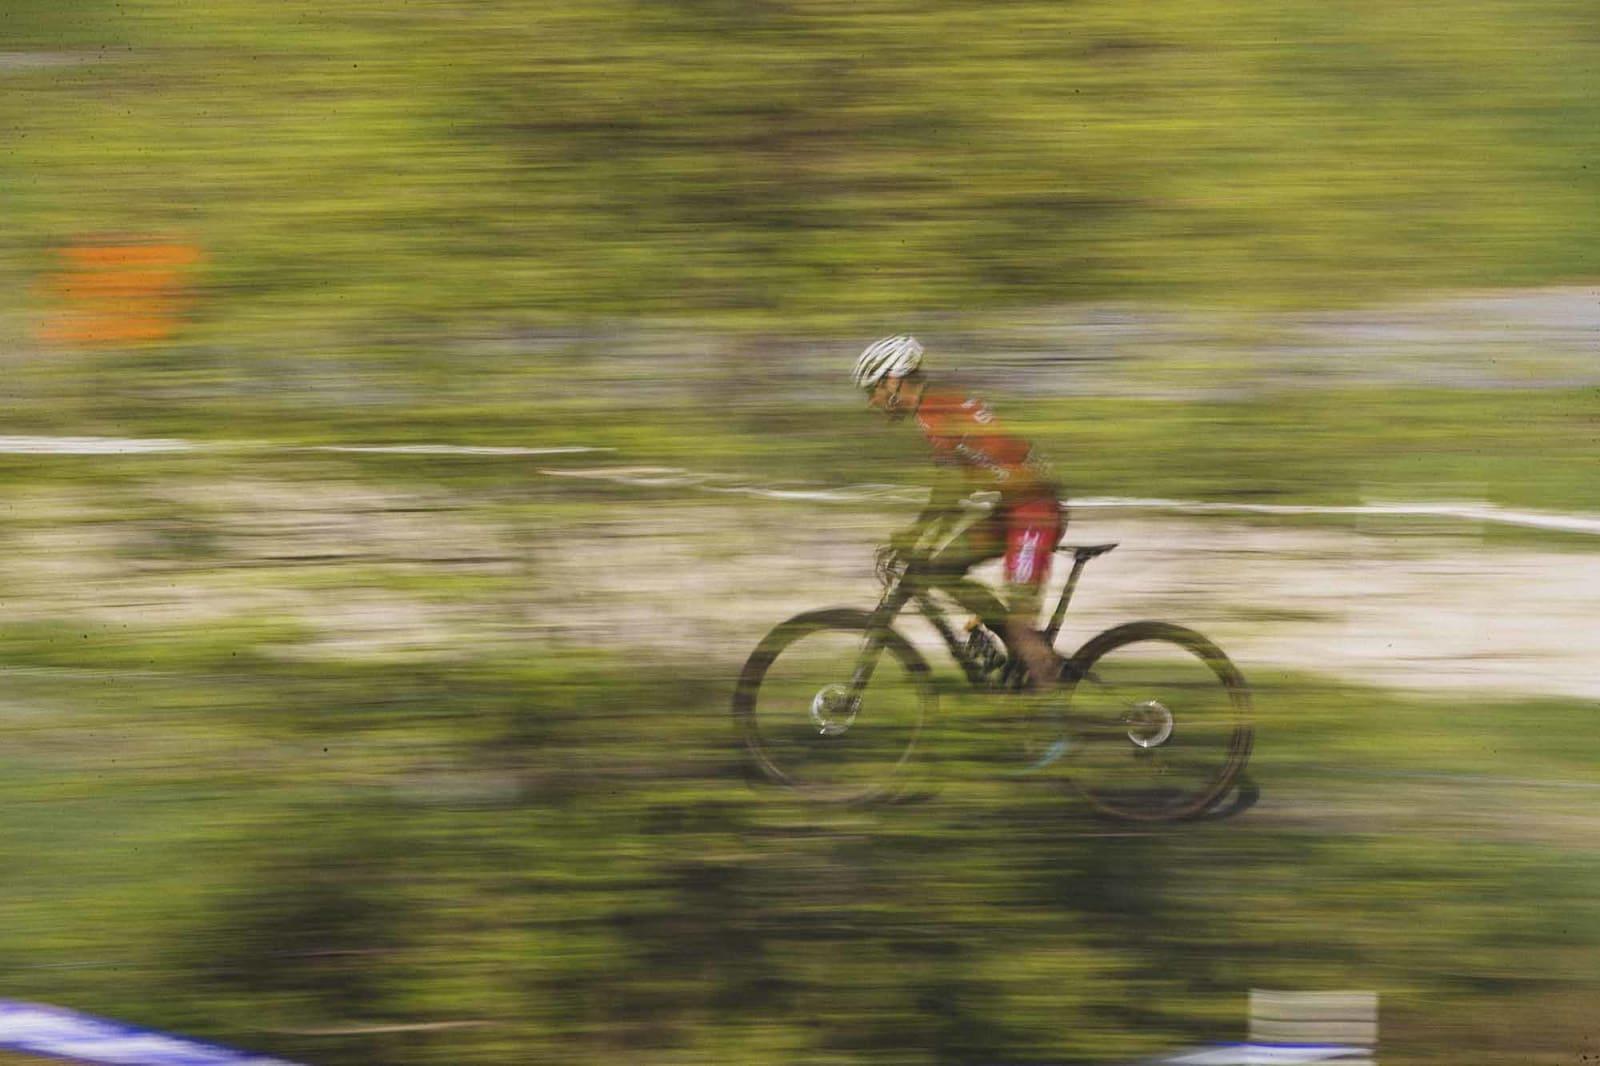 ATTRAKTIVT: Med UCI-poeng å hente var det også utenlandske ryttere på start. Ukjent, utenlandsk rytter setter fart i skogen.